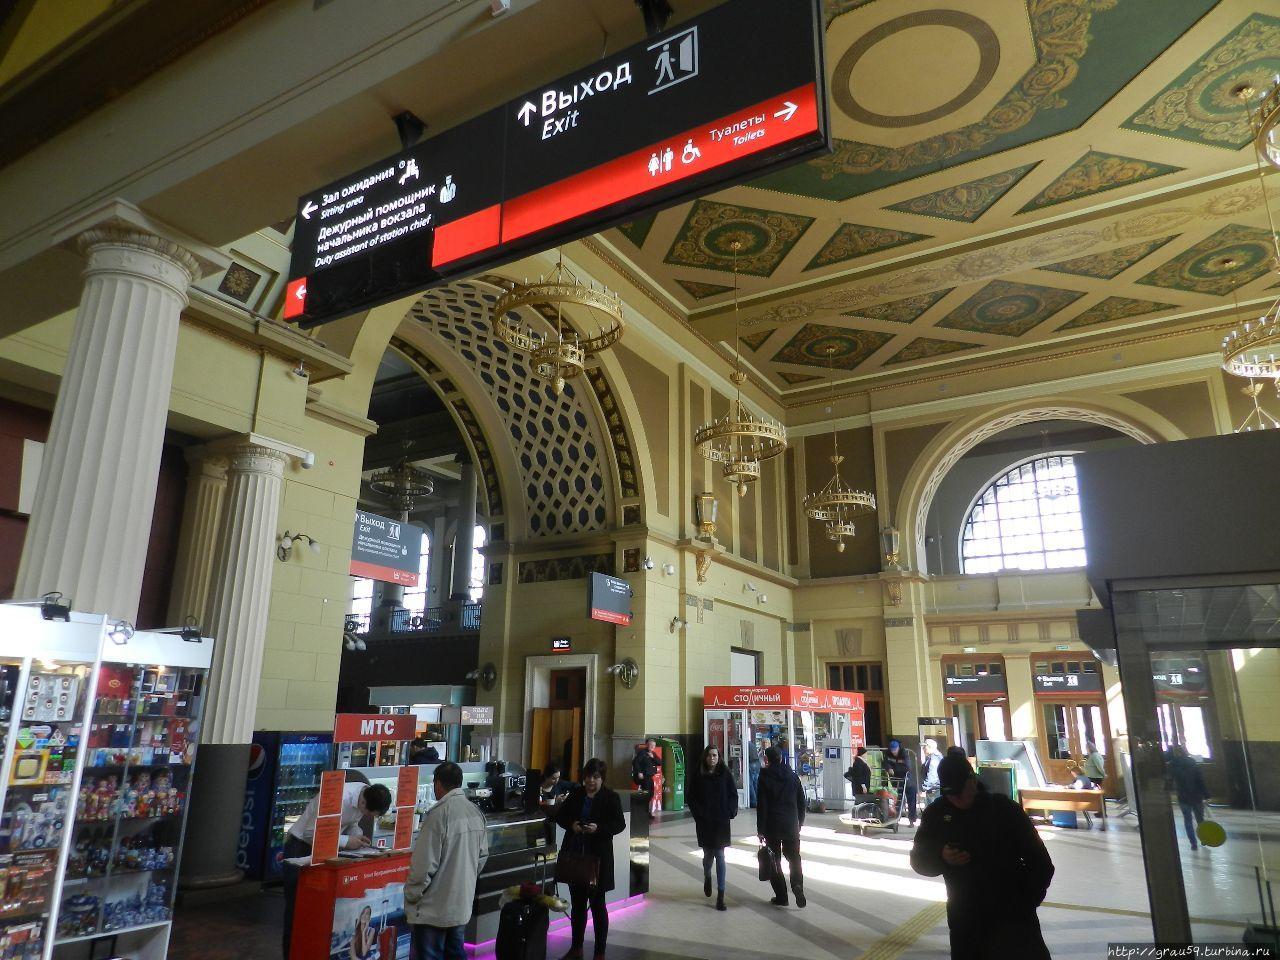 Киевский вокзал Москва, Россия